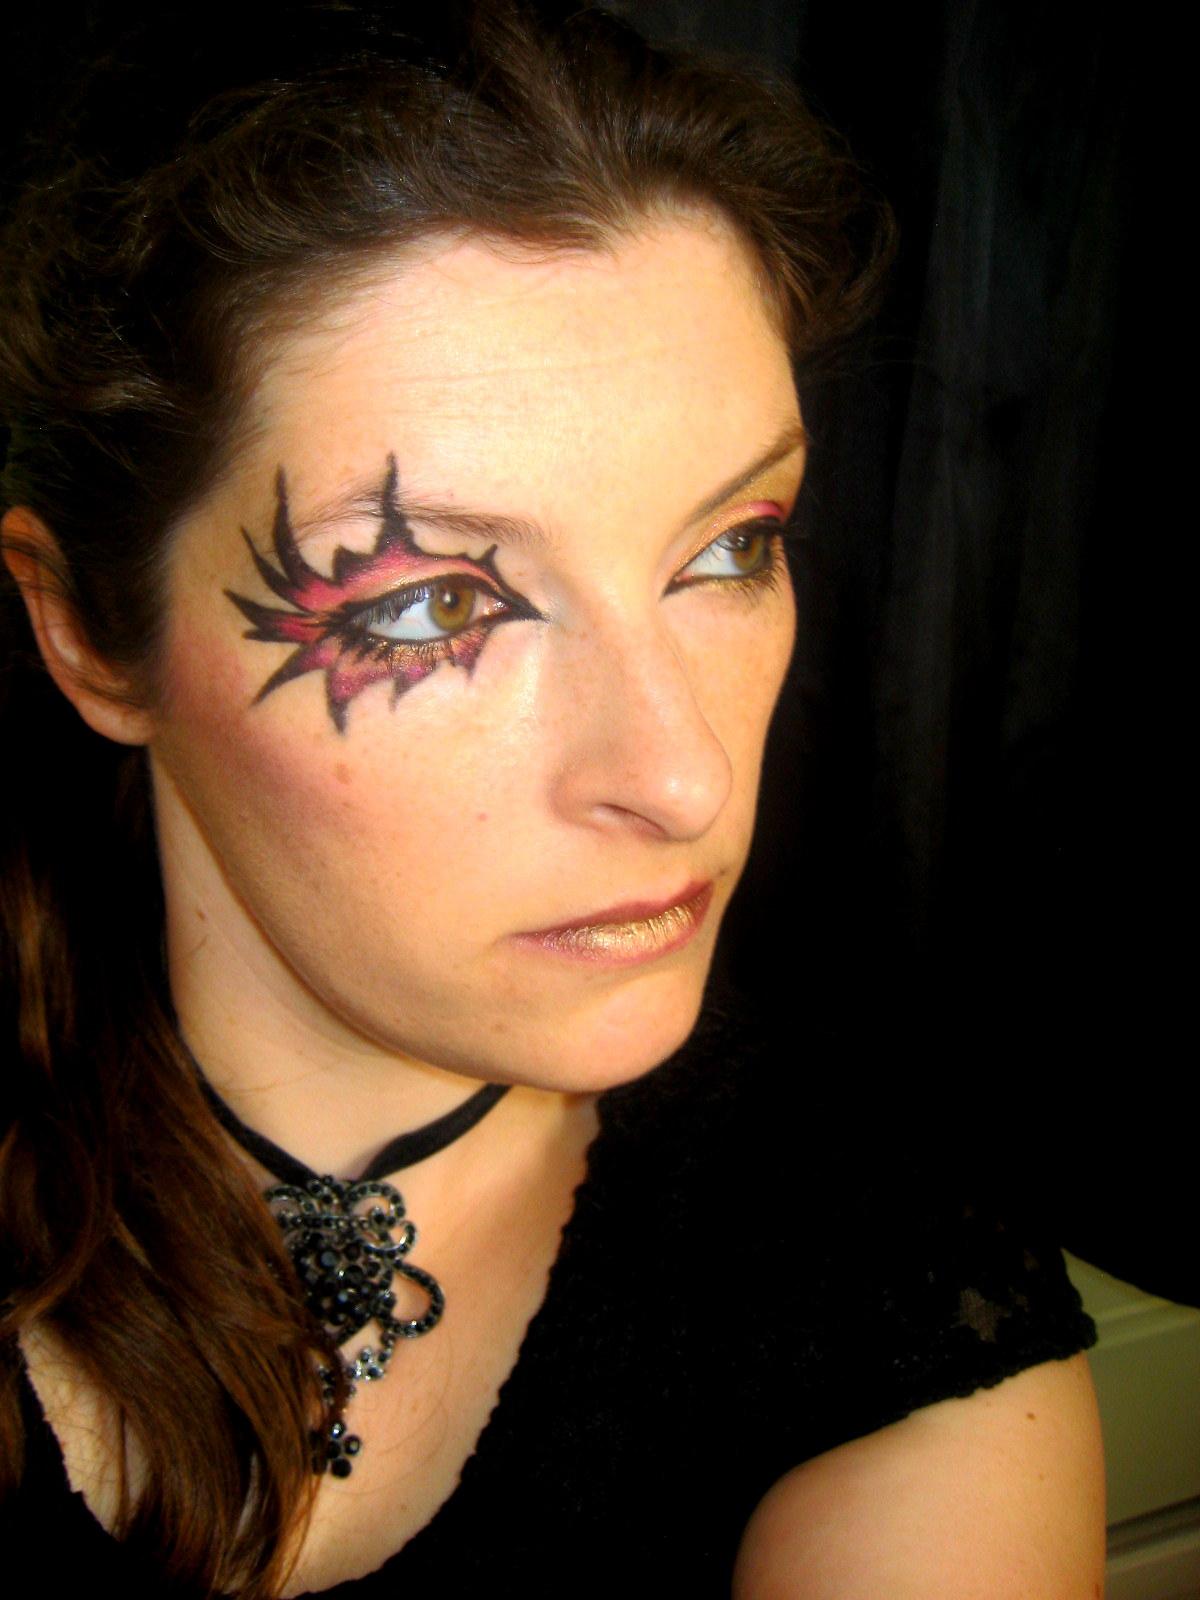 Maquillage rock - Maquillage annee 70 ...